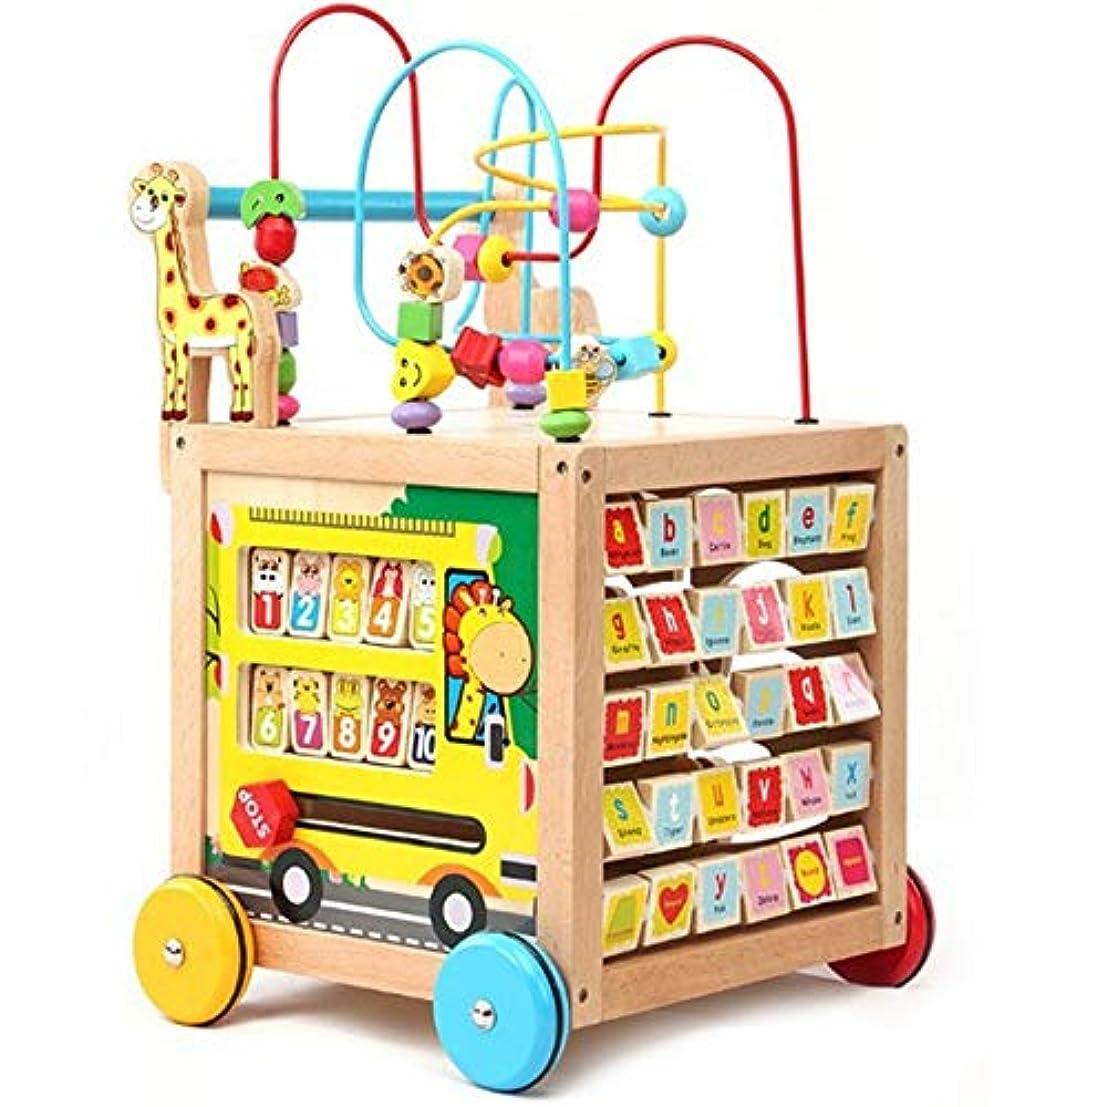 ハッチはず話をするビーズコースター ルーピング おもちゃ 木製活動キューブの多機能学習ビーズ迷路教育玩具 マルチアクティビティ 赤ちゃんおもちゃ人気 お誕生日プレゼント (Color : Multi-colored, Size : Free size)